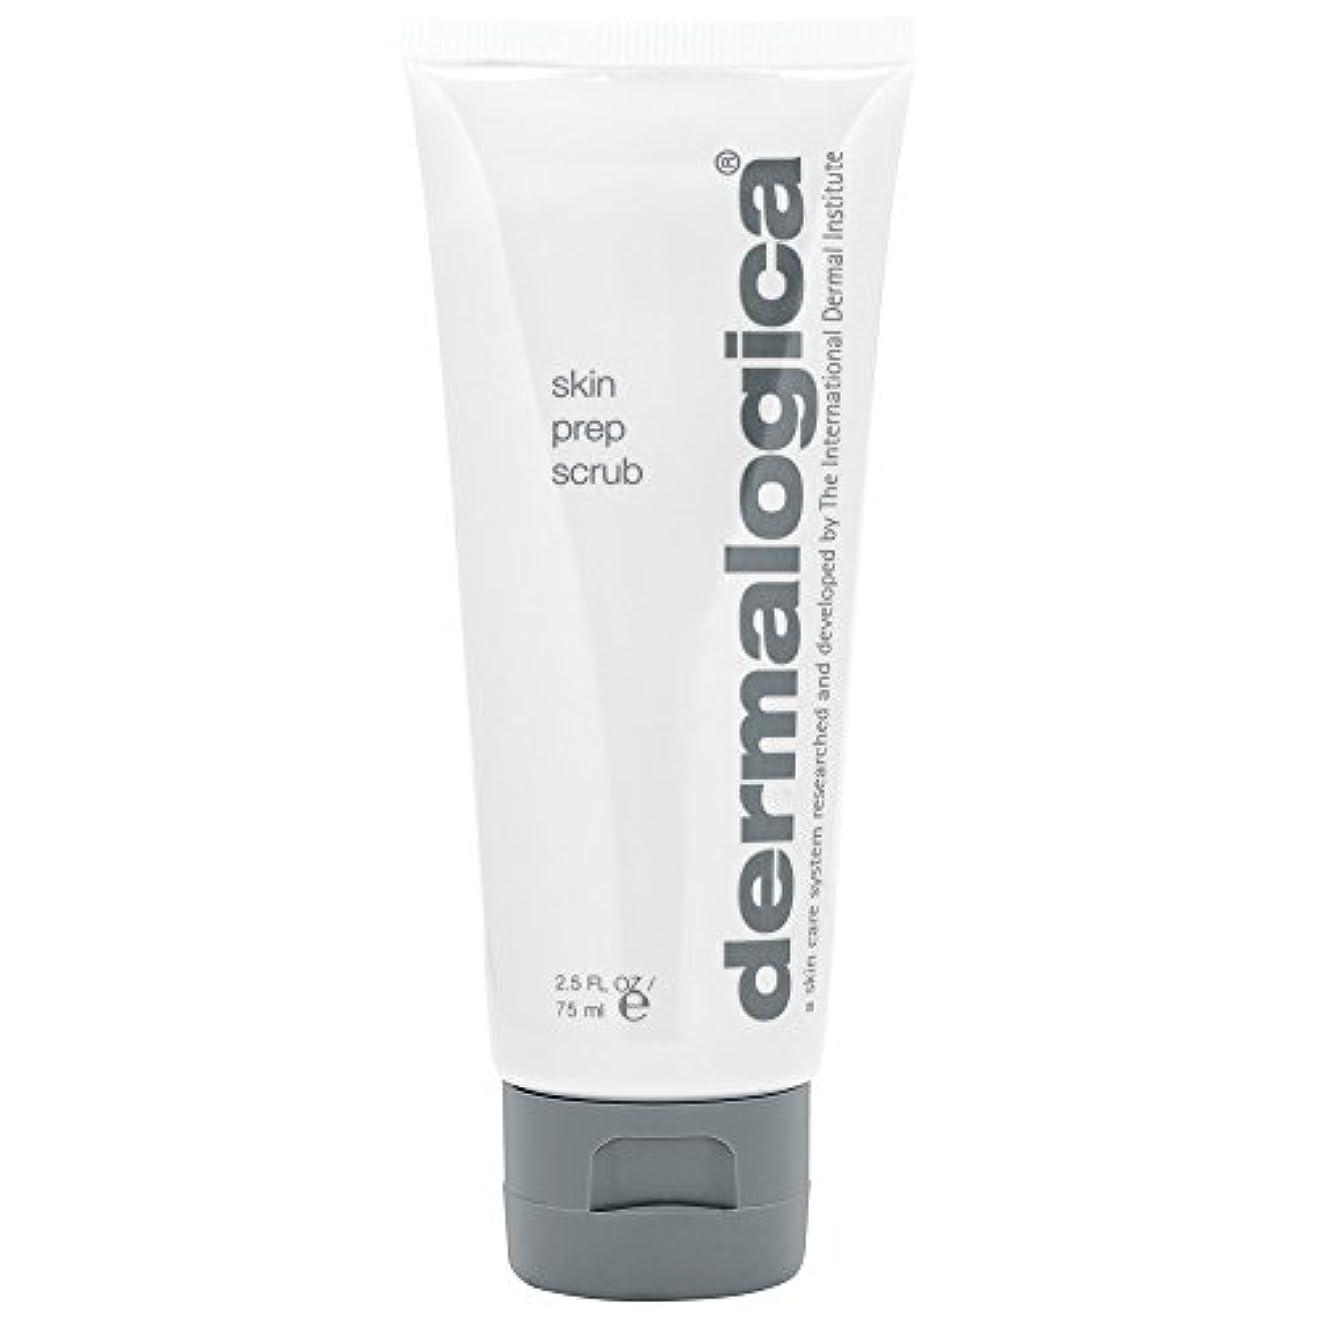 帝国主義イライラする解き明かすダーマロジカスキンプレップスクラブ75ミリリットル (Dermalogica) (x2) - Dermalogica Skin Prep Scrub 75ml (Pack of 2) [並行輸入品]